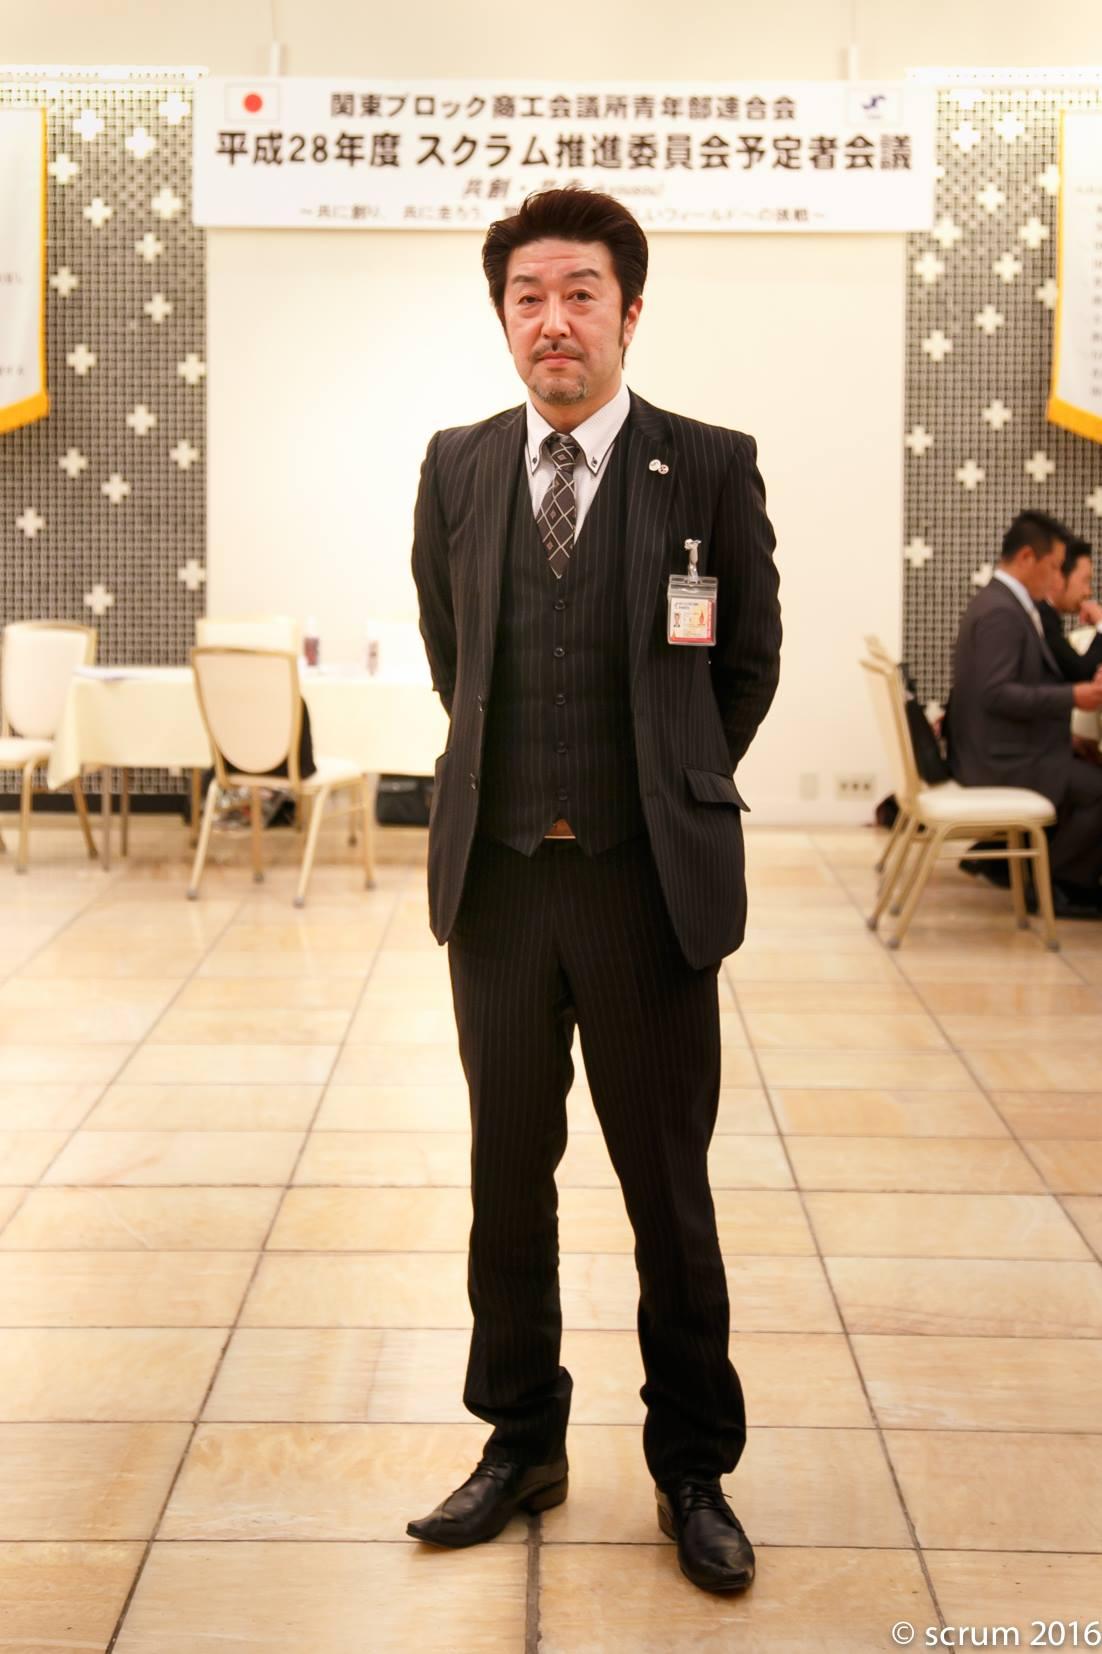 菊池滋副委員長